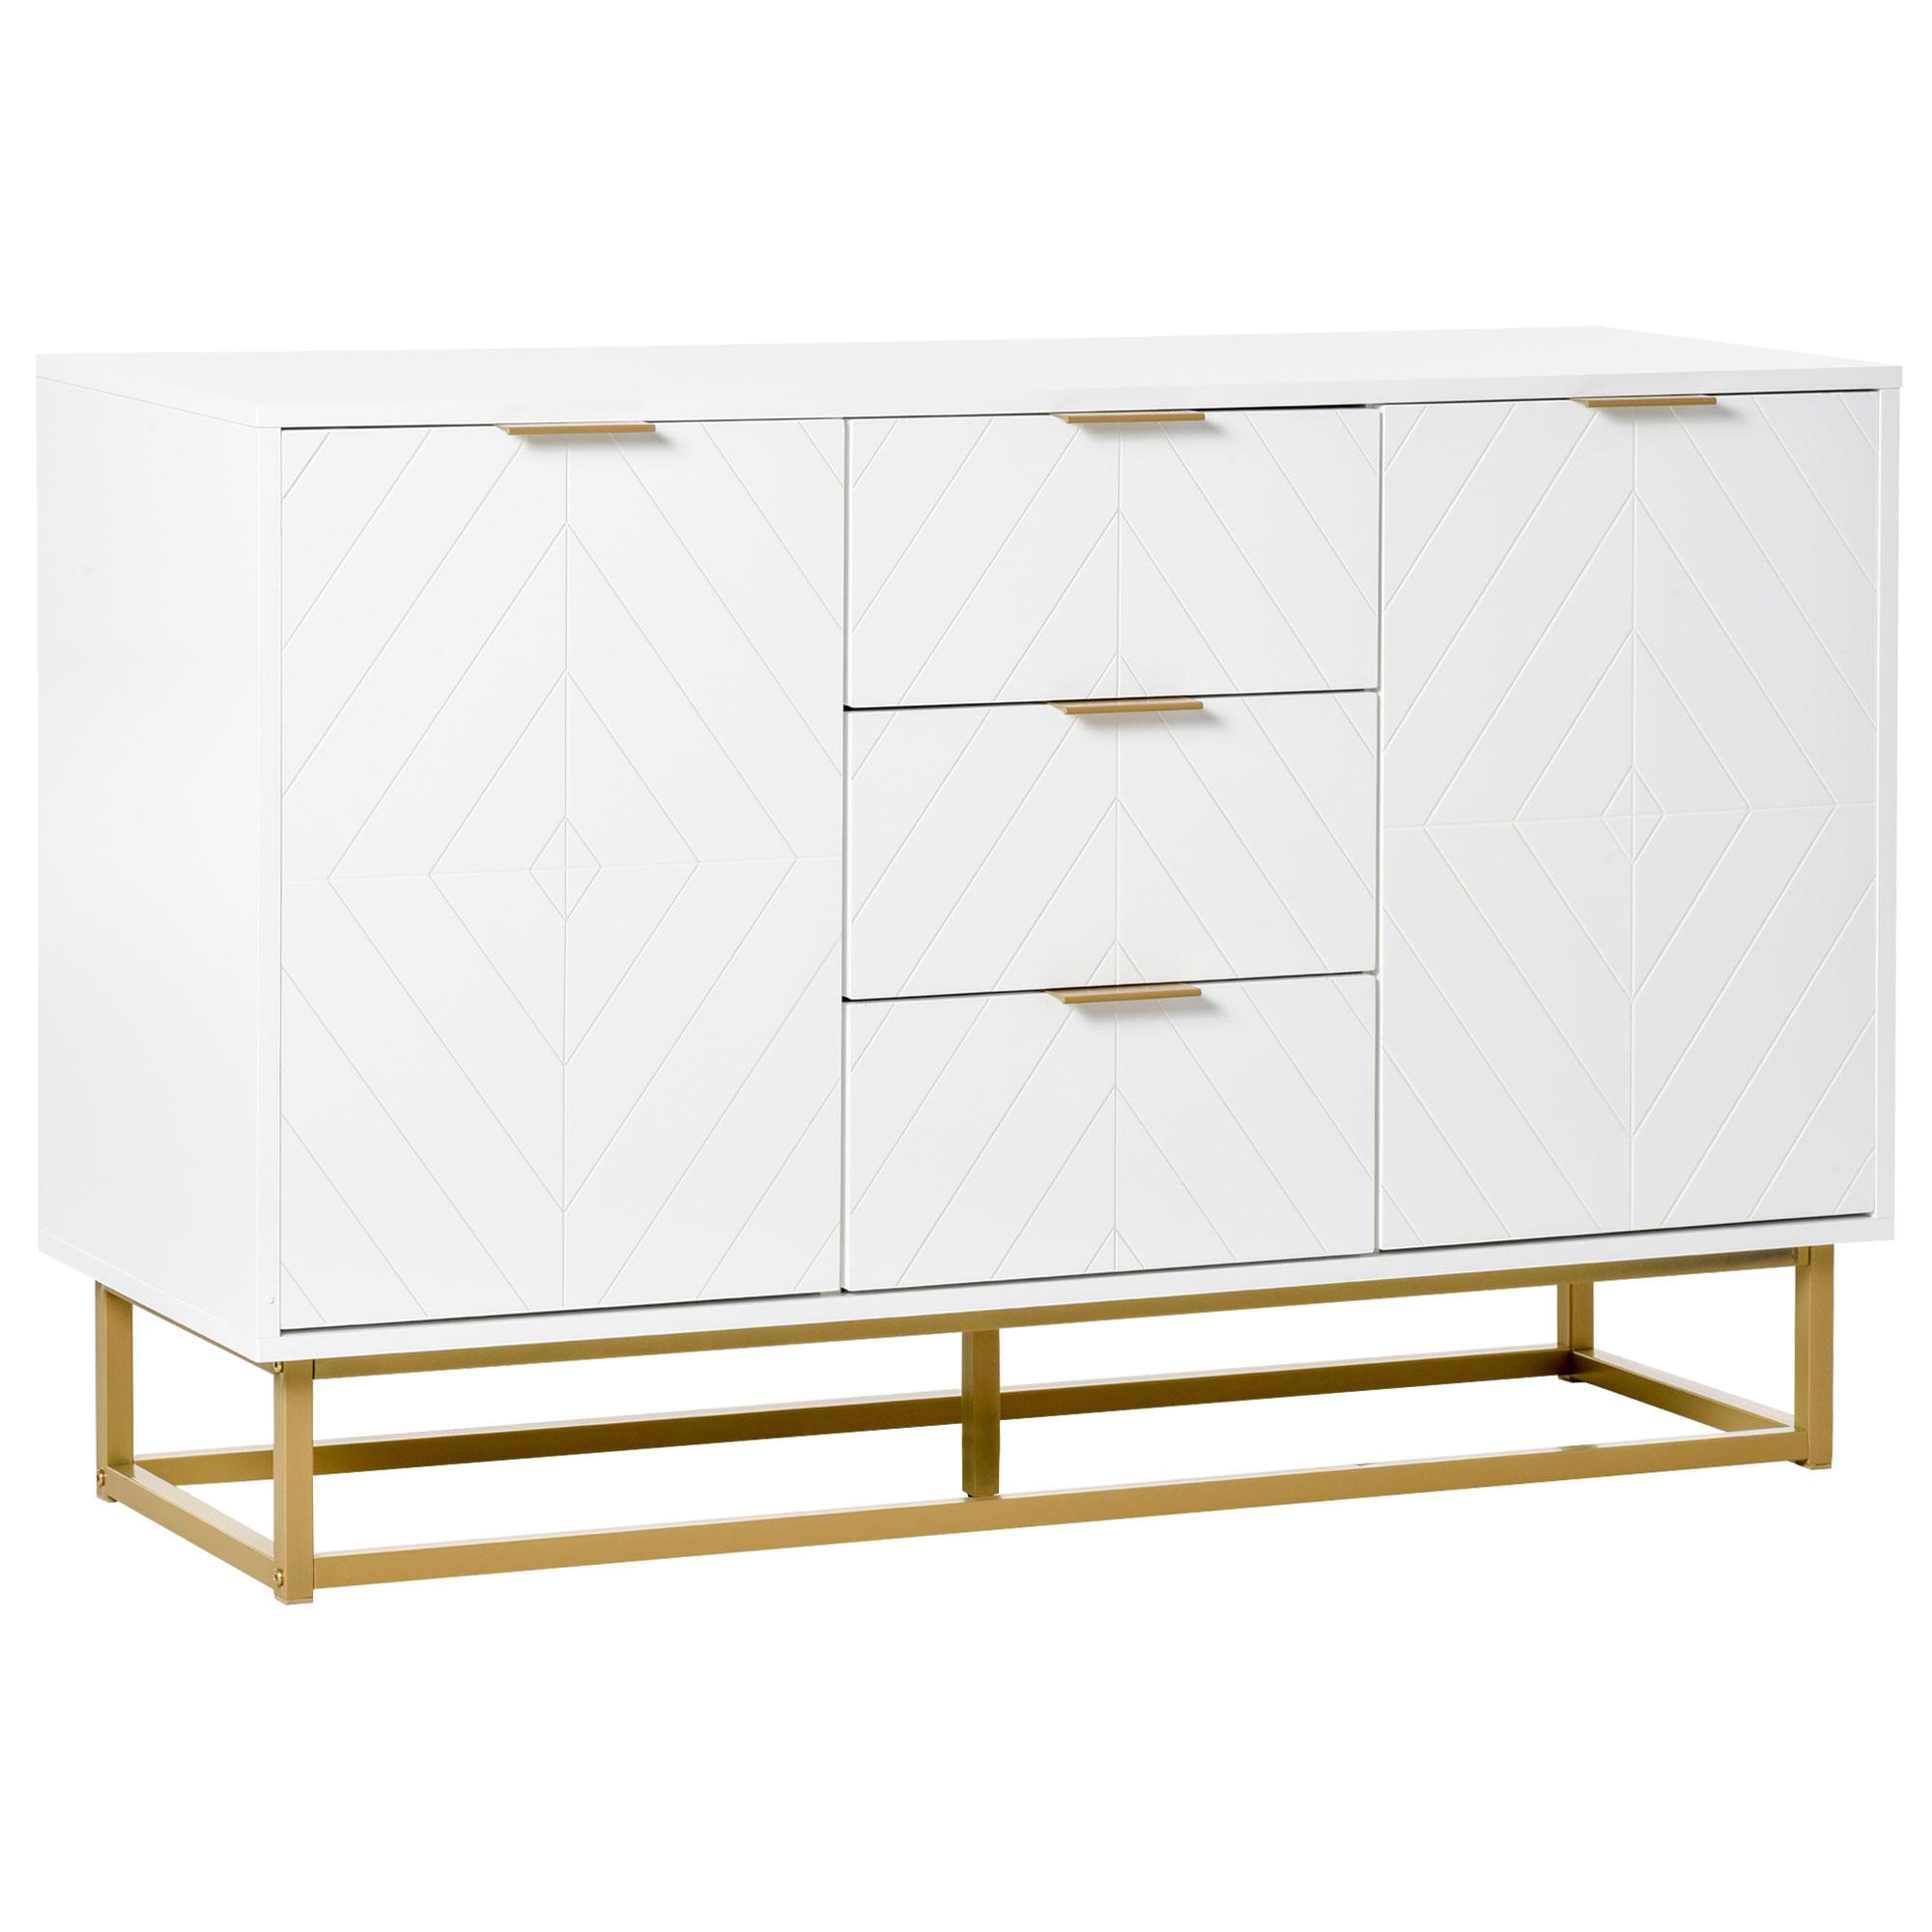 Buffet design contemporain graphique panneaux blanc métal doré